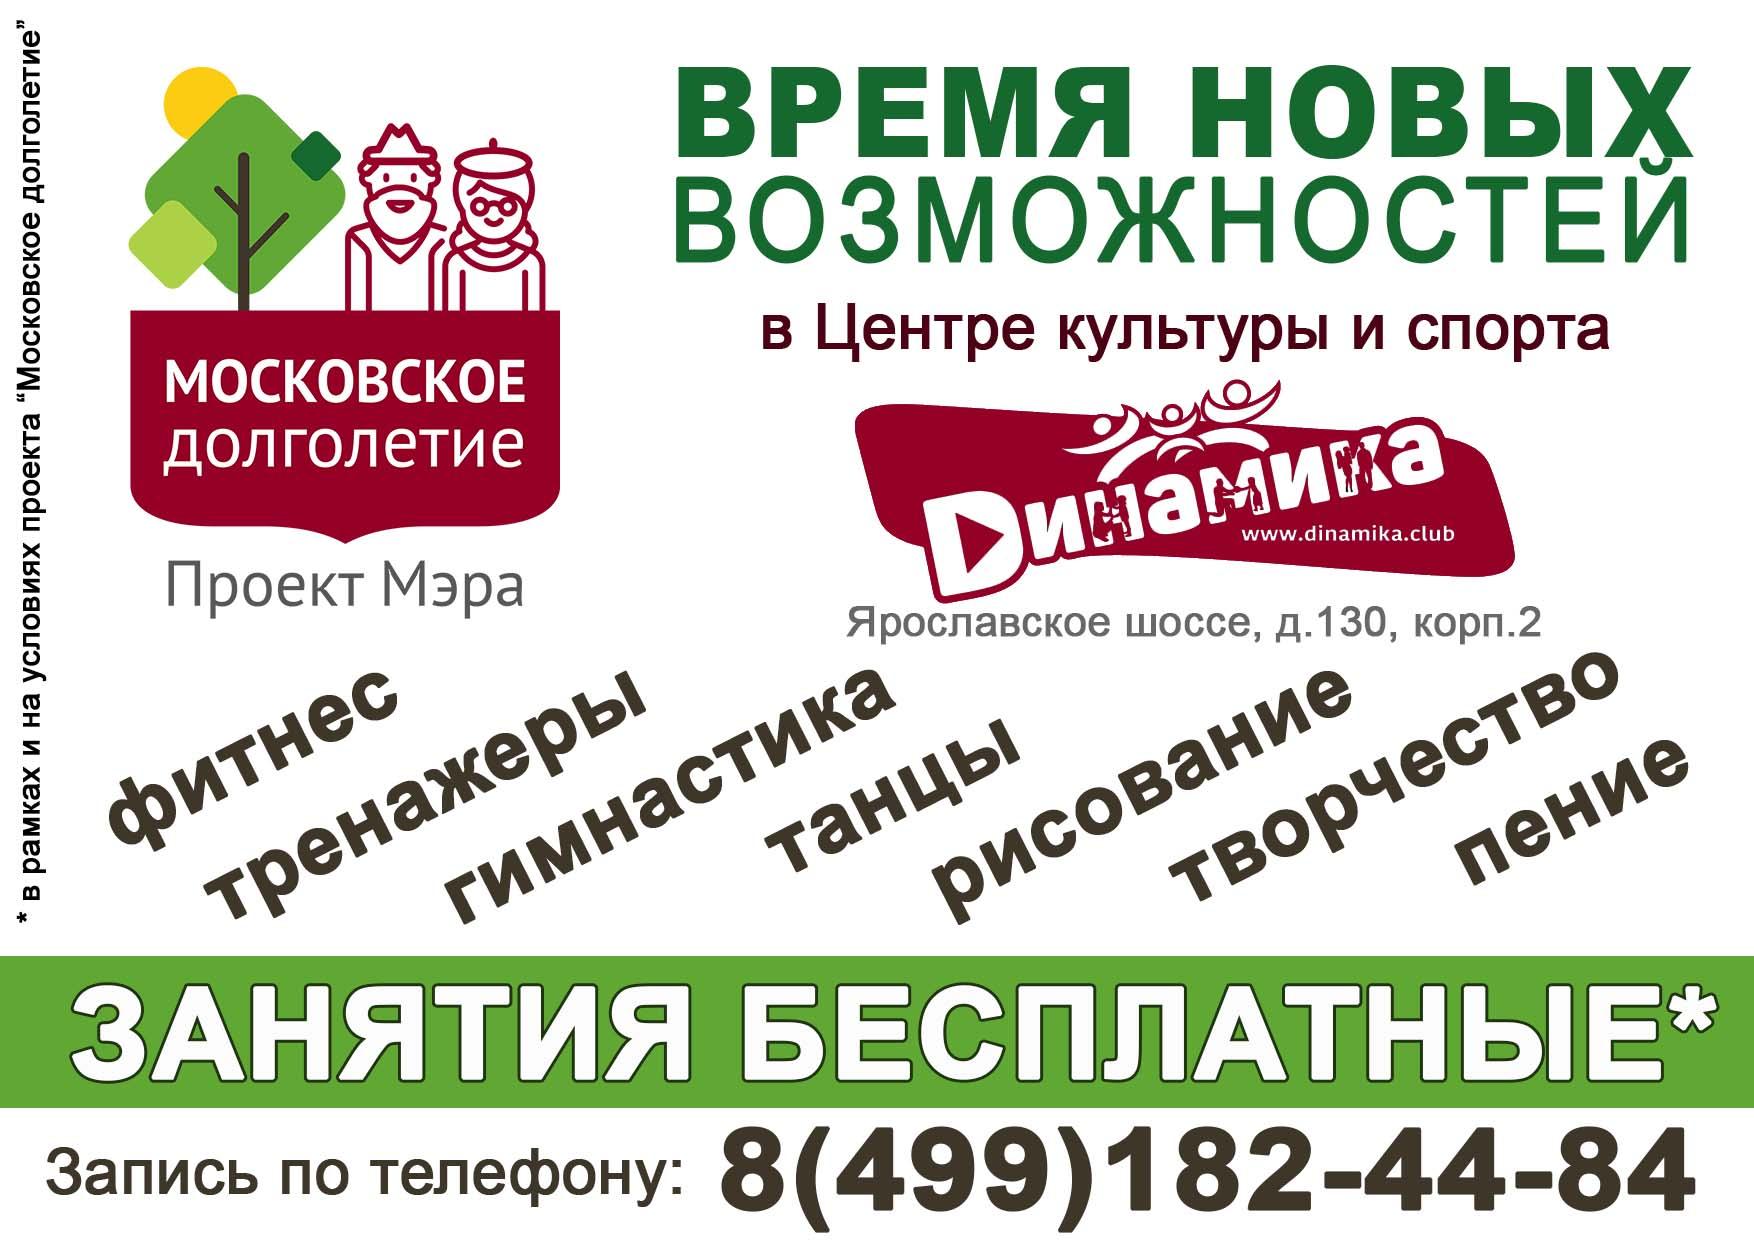 Объявление_московское долголетие web